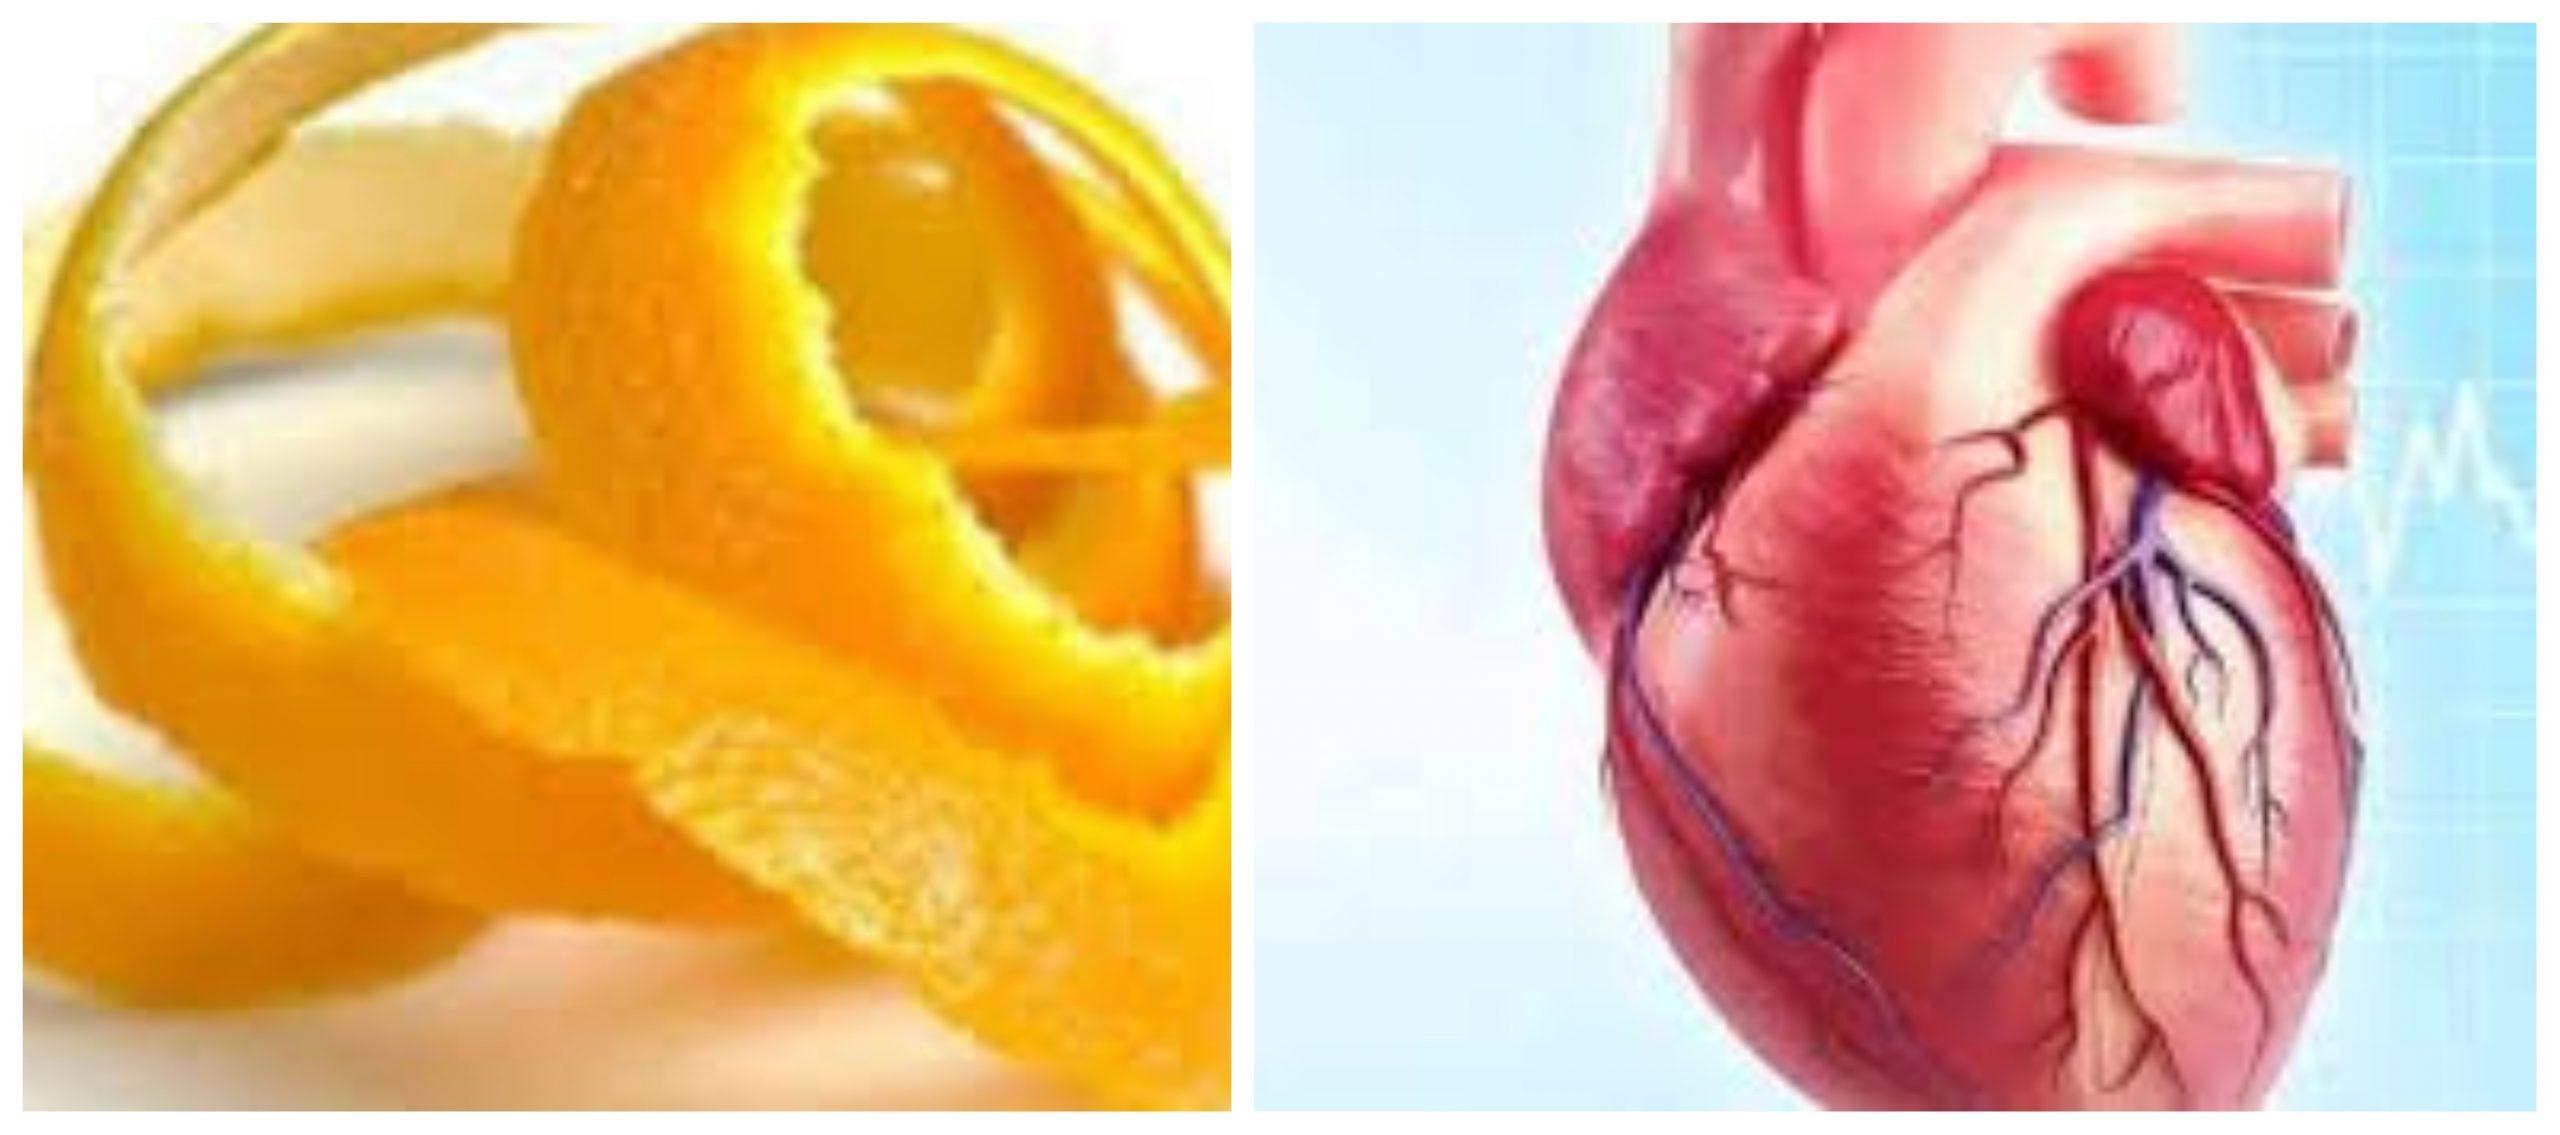 قشر البرتقال يدعم صحة القلب